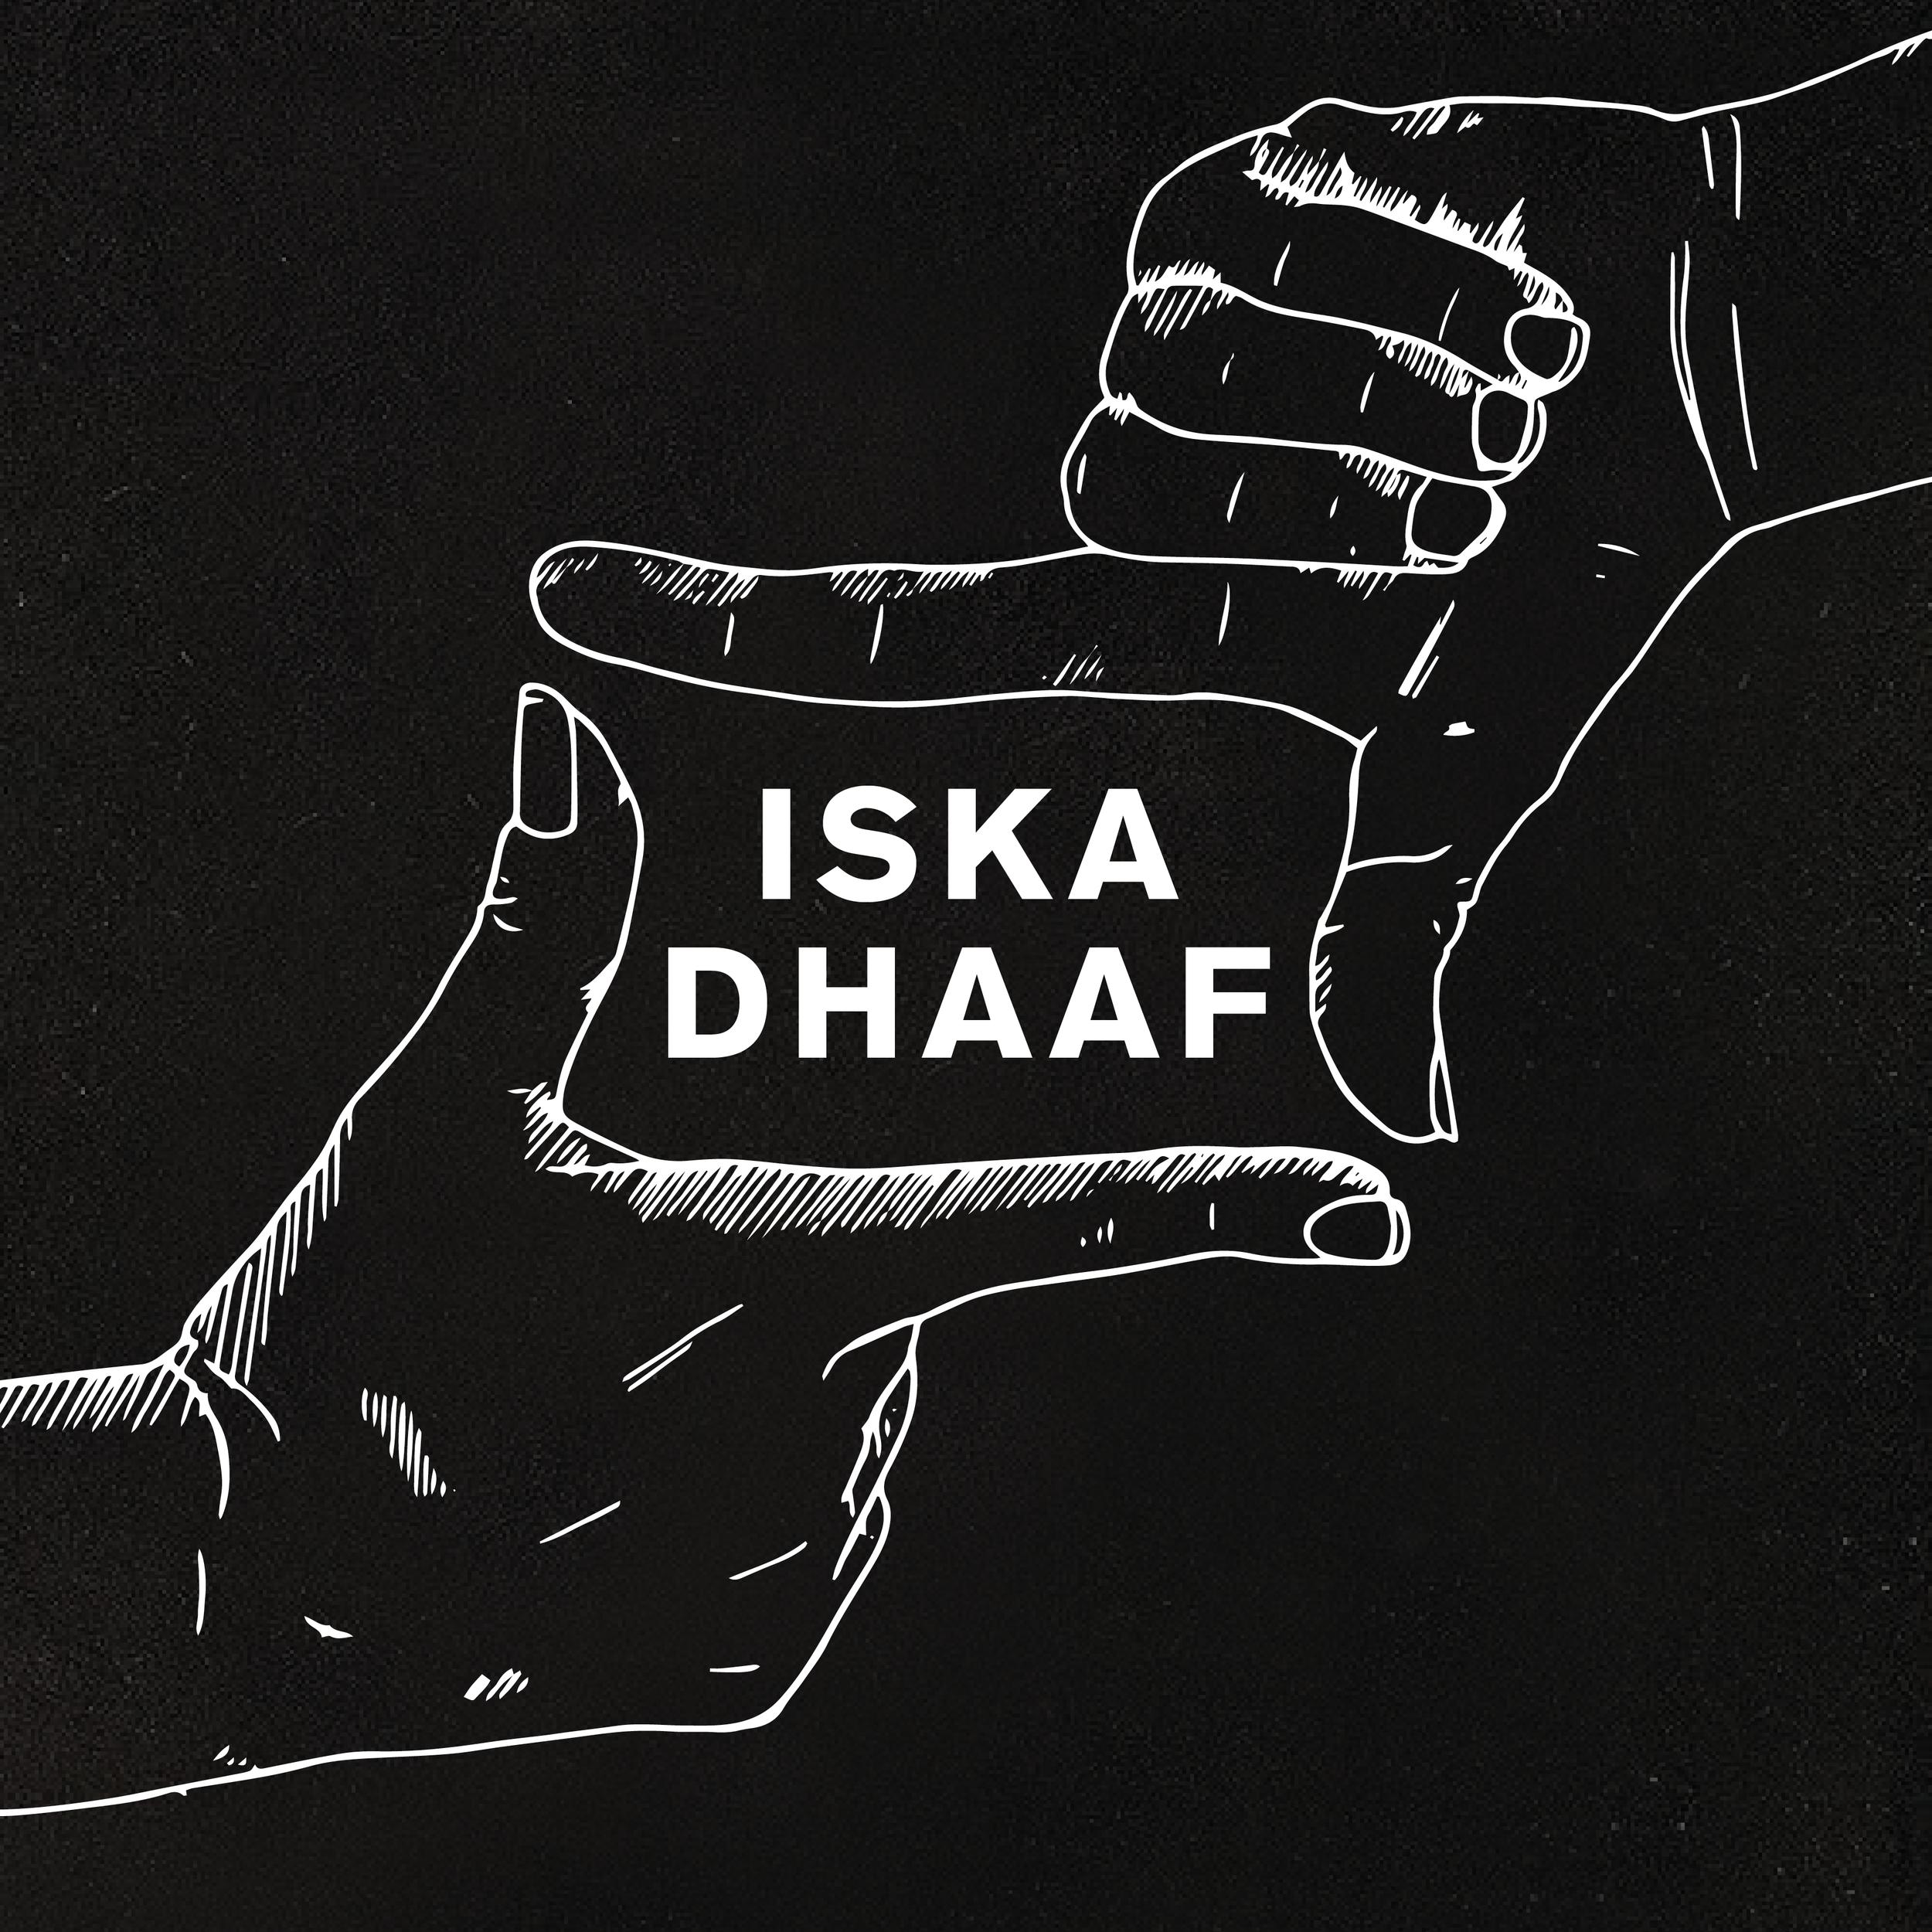 IskaDhaaf_paris_flyers_web5.png